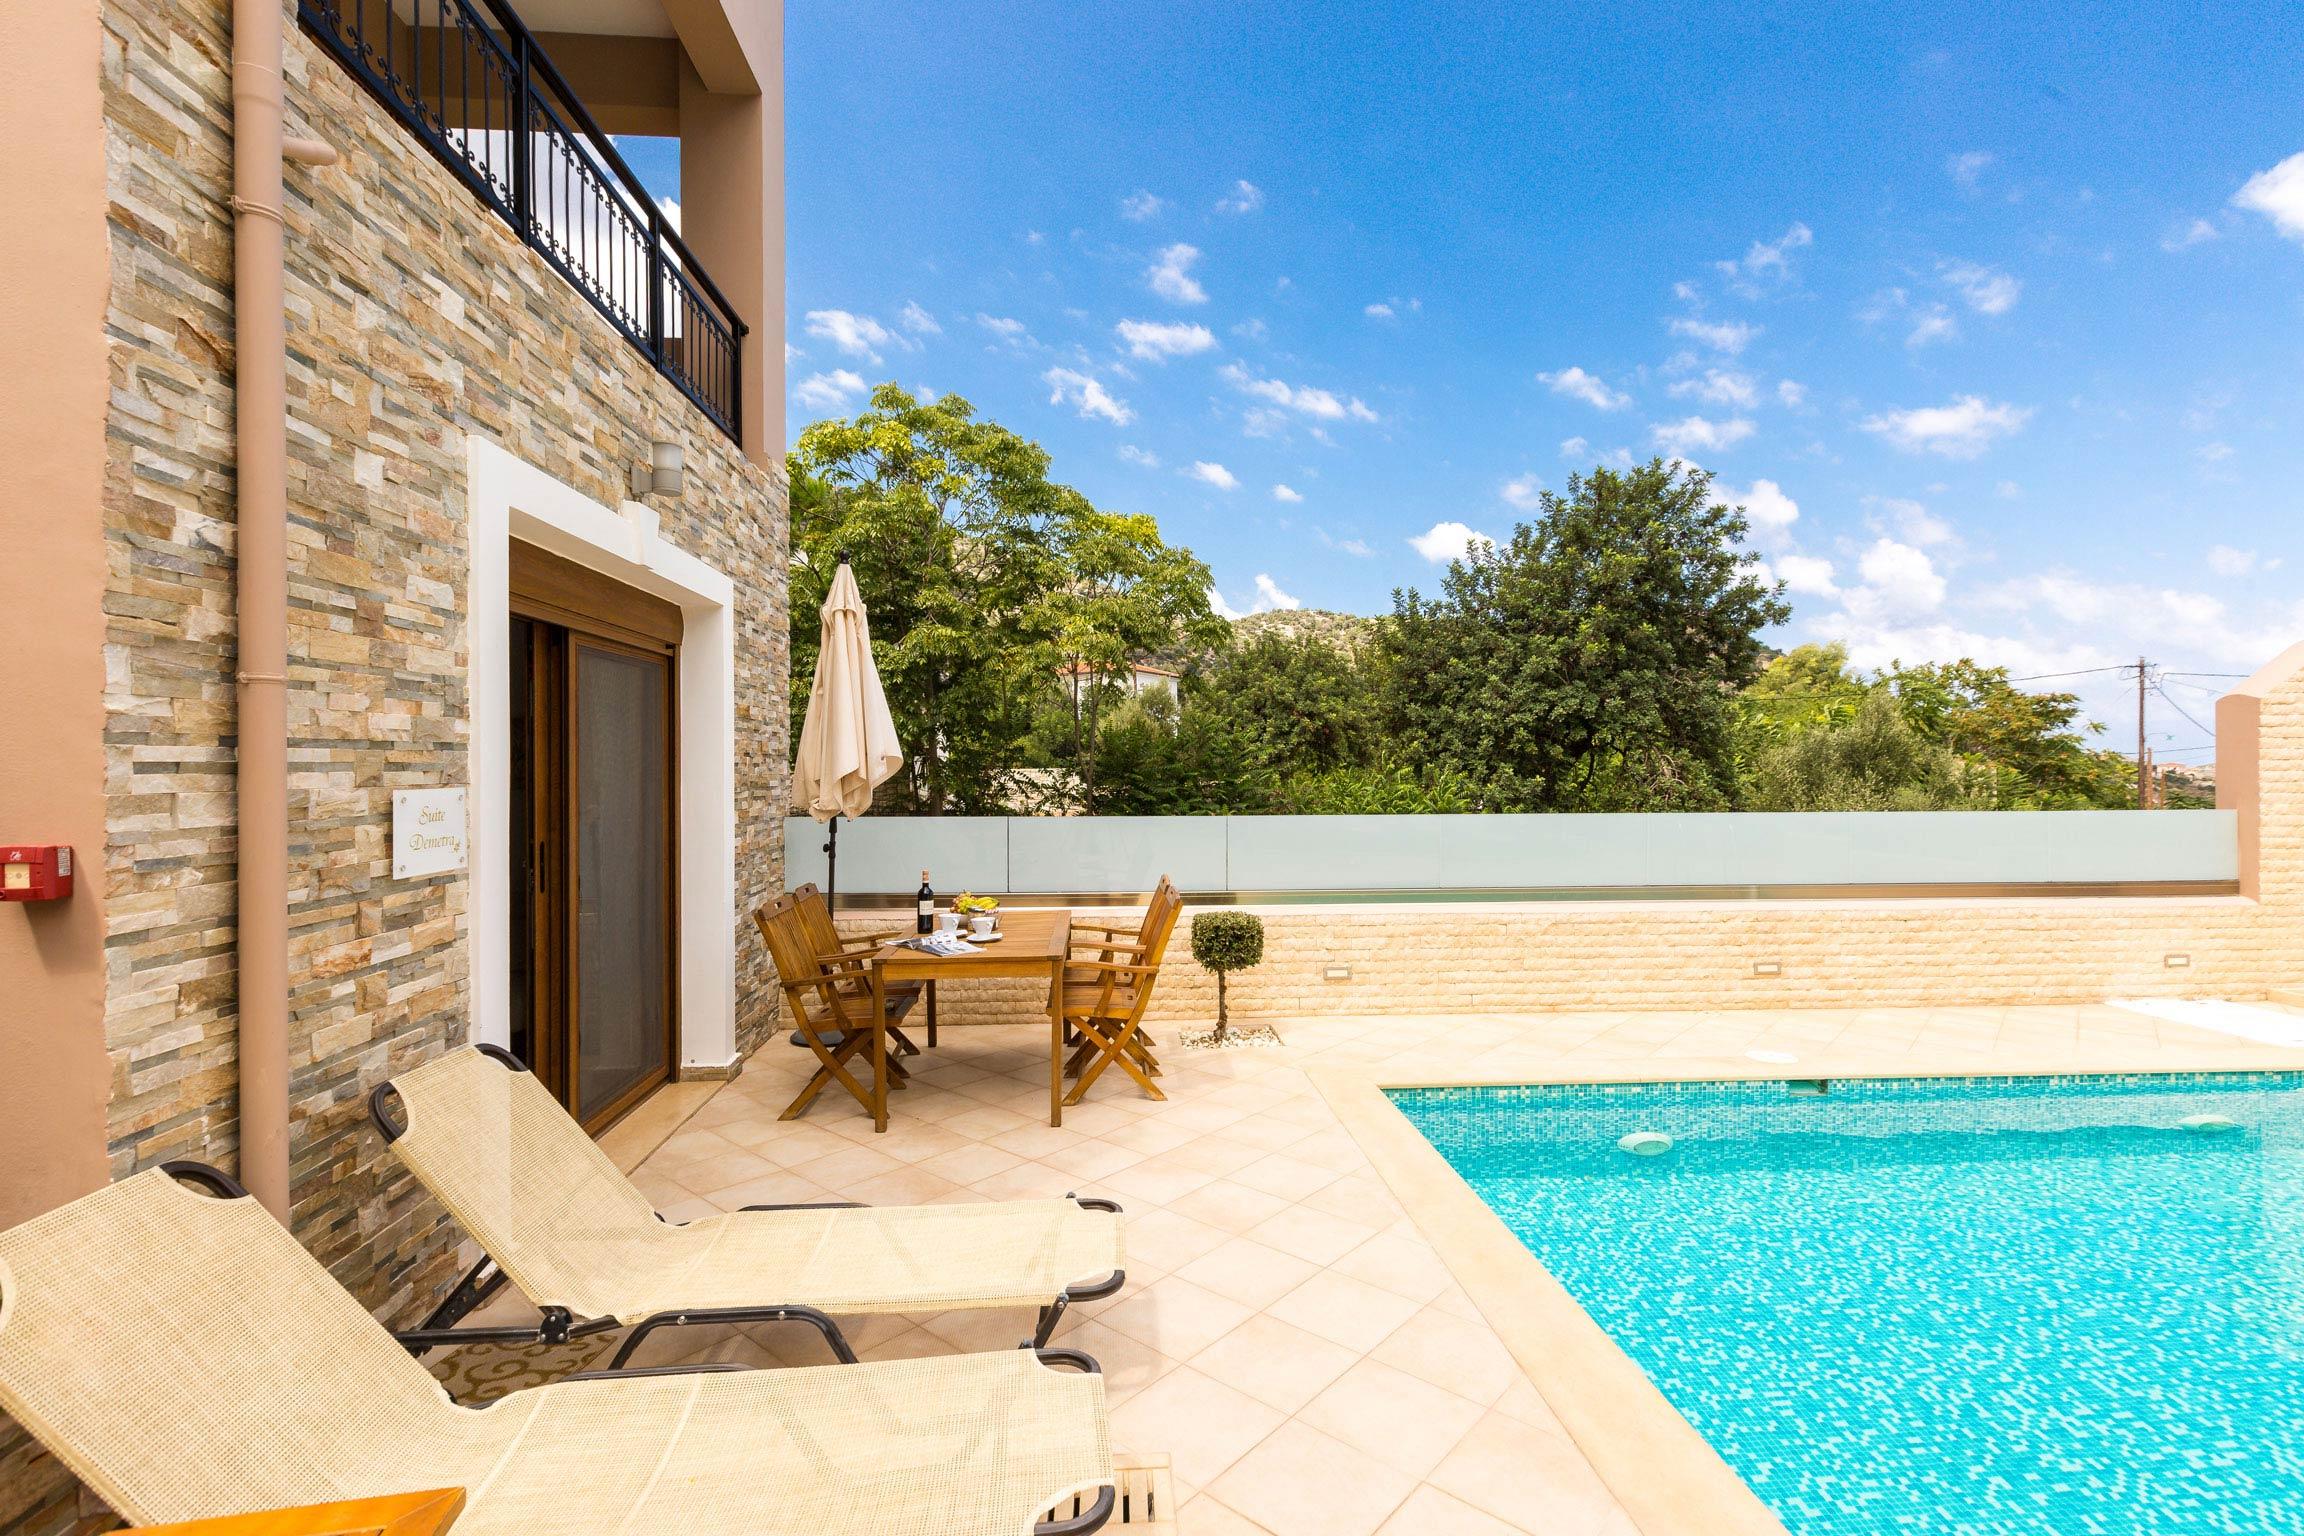 Ferienhaus Diese Villa auf zwei Ebenen ist der perfekte Ort, um in Rethymnon auf Kreta weh zu bleiben (2623387), Roumeli, Kreta Nordküste, Kreta, Griechenland, Bild 13